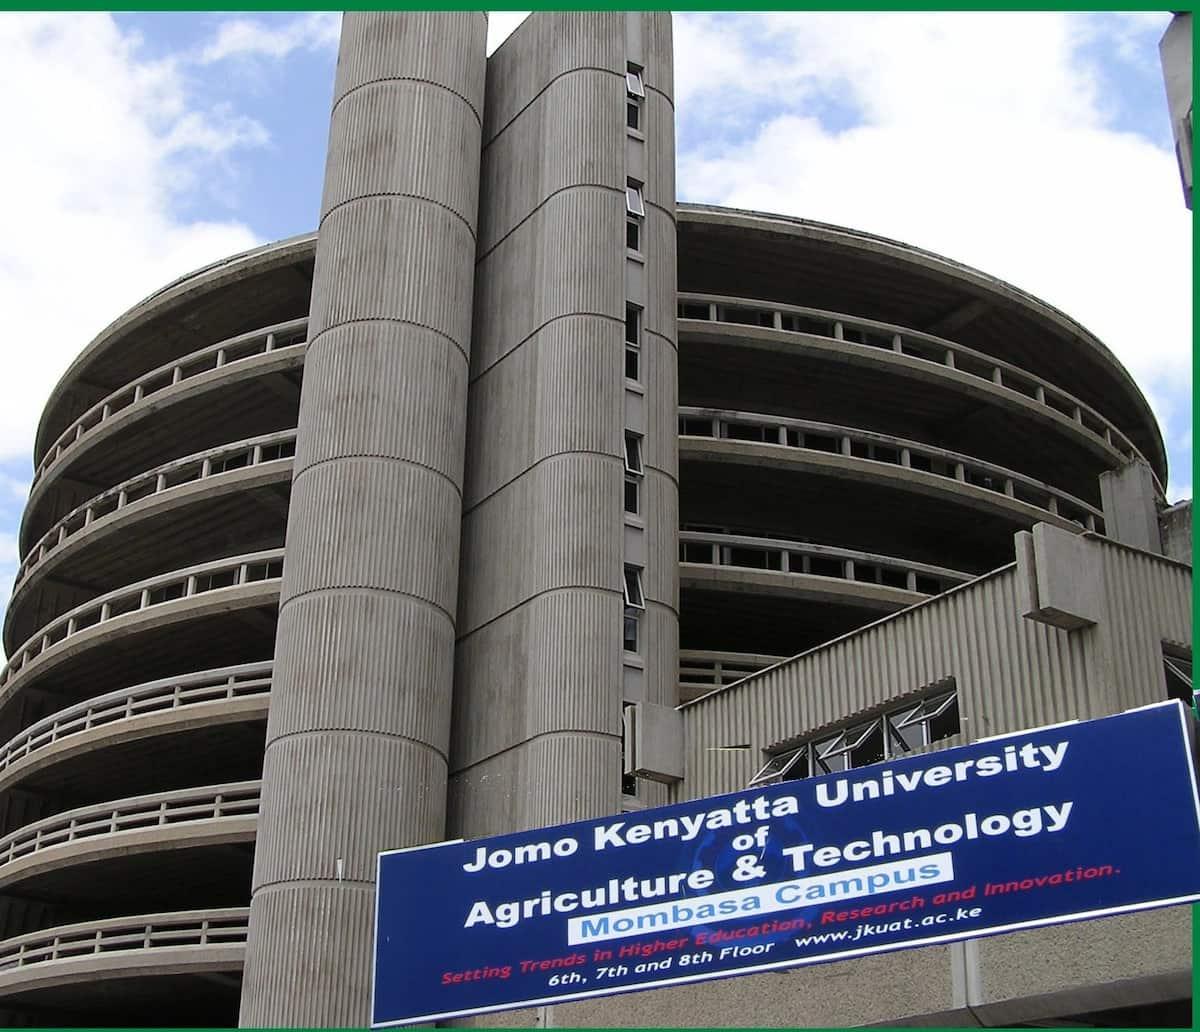 jkuat contacts, Jkuat Karen campus contacts, Jkuat westlands campus